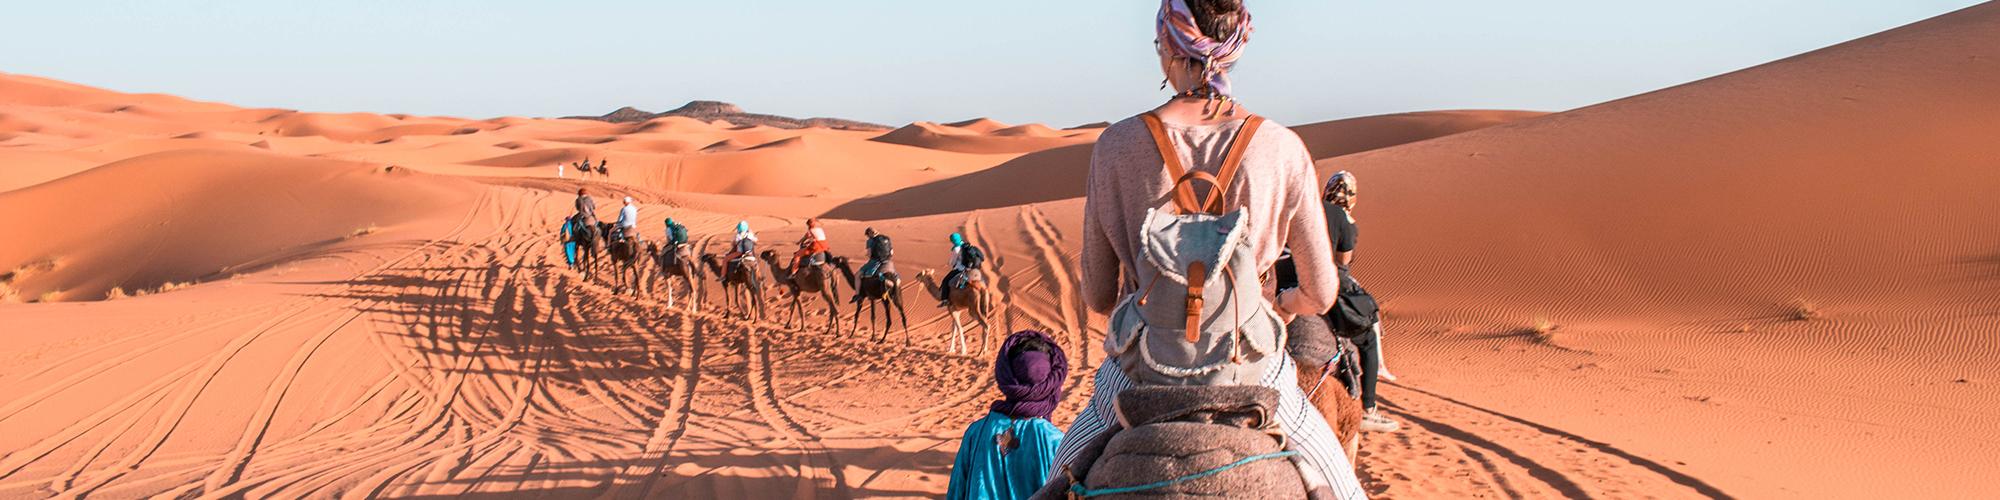 Makadi Bay Safari Trips - Safari Tours in Makadi Bay - Tours From Hurghada